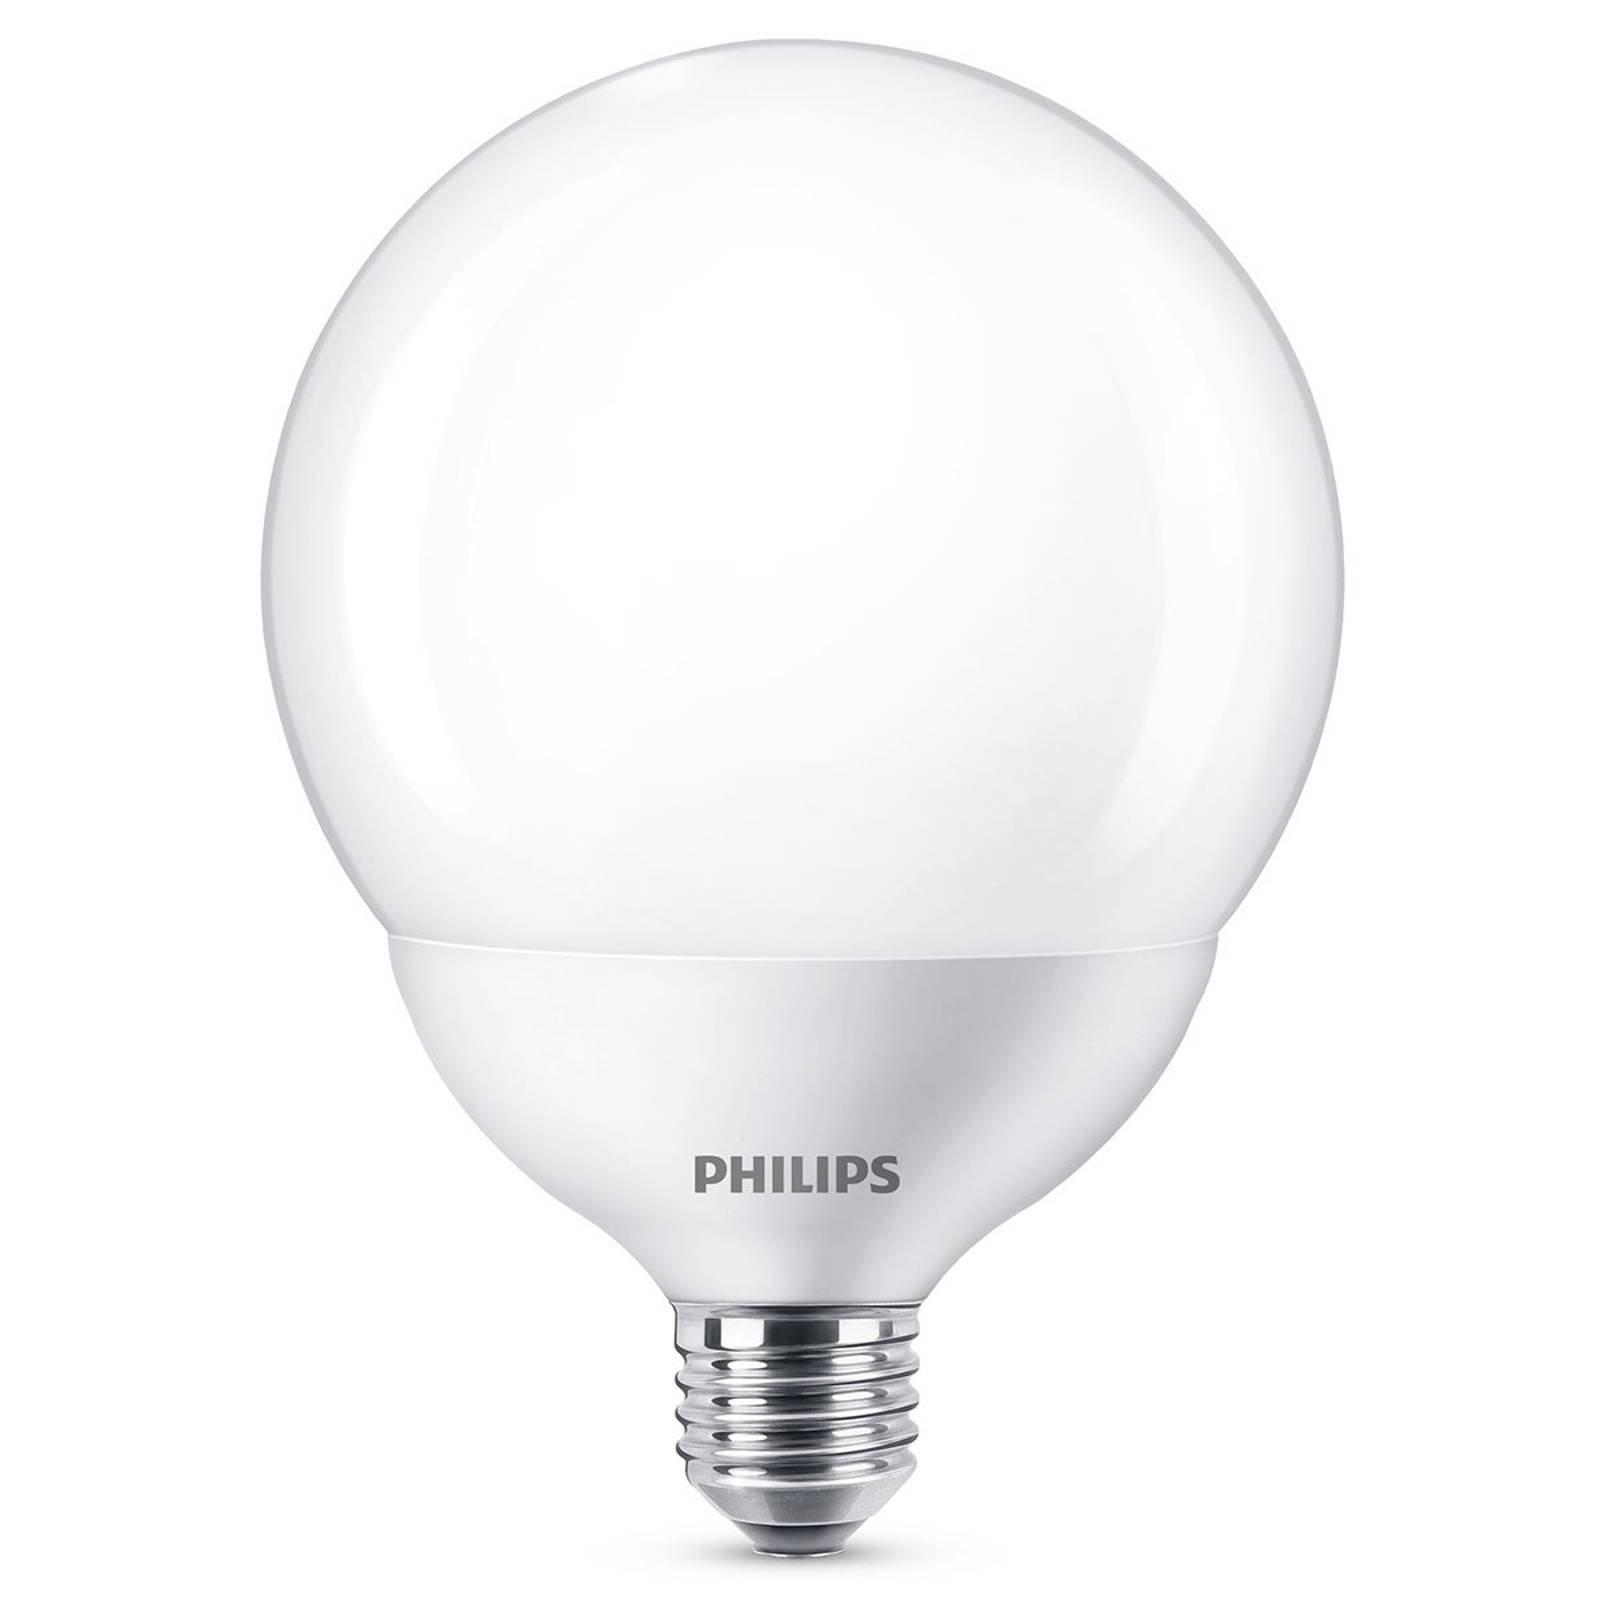 Philips LED-globepære E27 G120 10,5W 2 700K hvitt